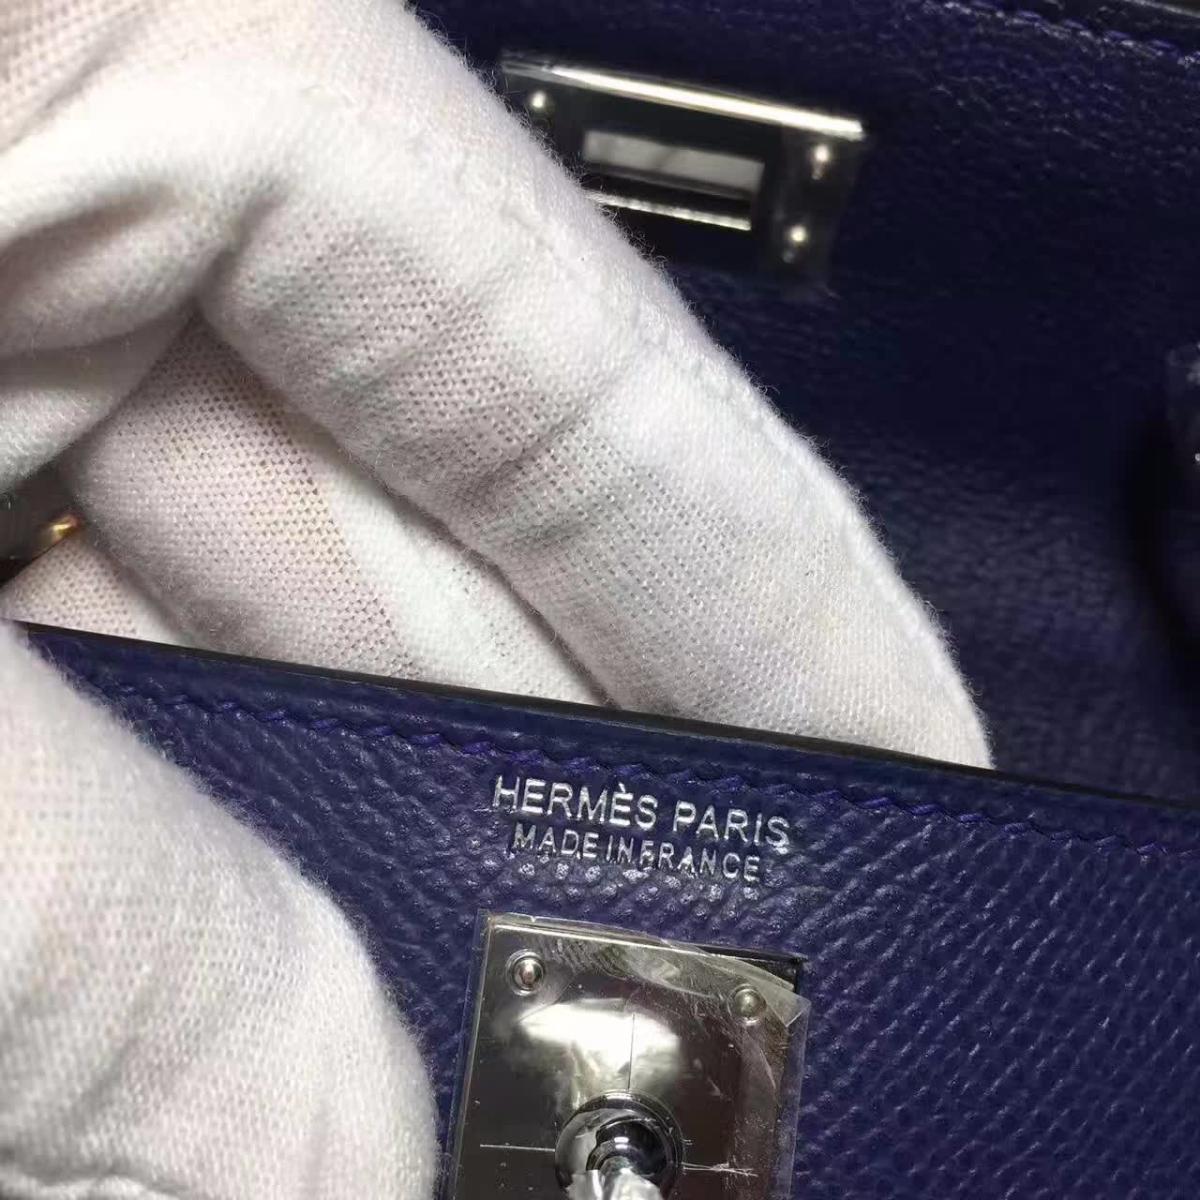 Hermes Mini Bag hhem579_6